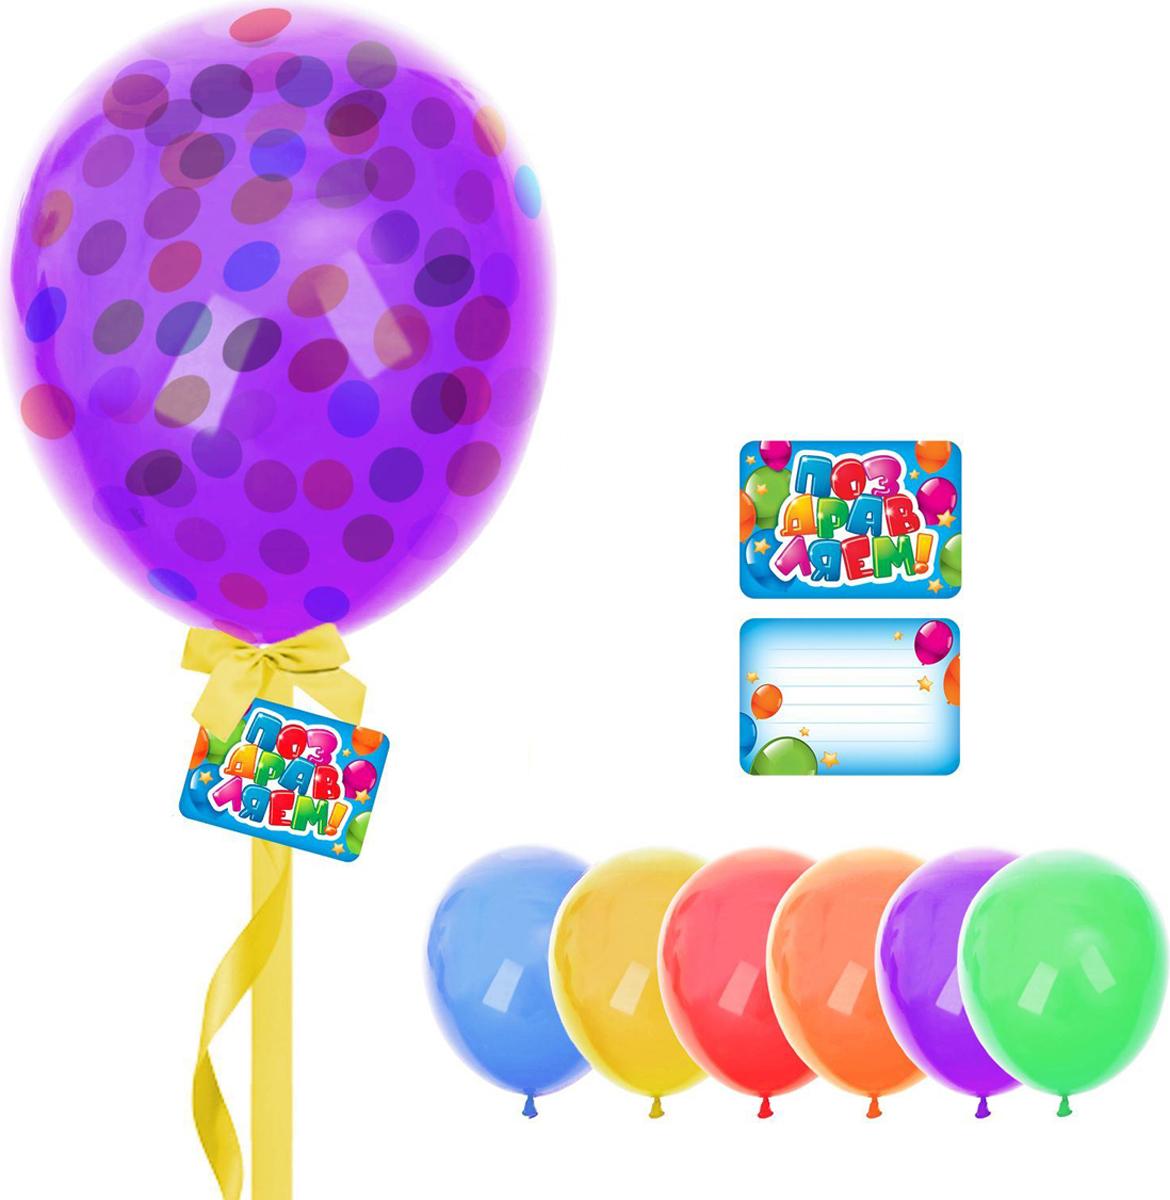 Страна Карнавалия Шары воздушные с пожеланиями Поздравляем! Кружочки 8 шт страна карнавалия шар фольгированный поздравляем круг 18 дюймов 332966